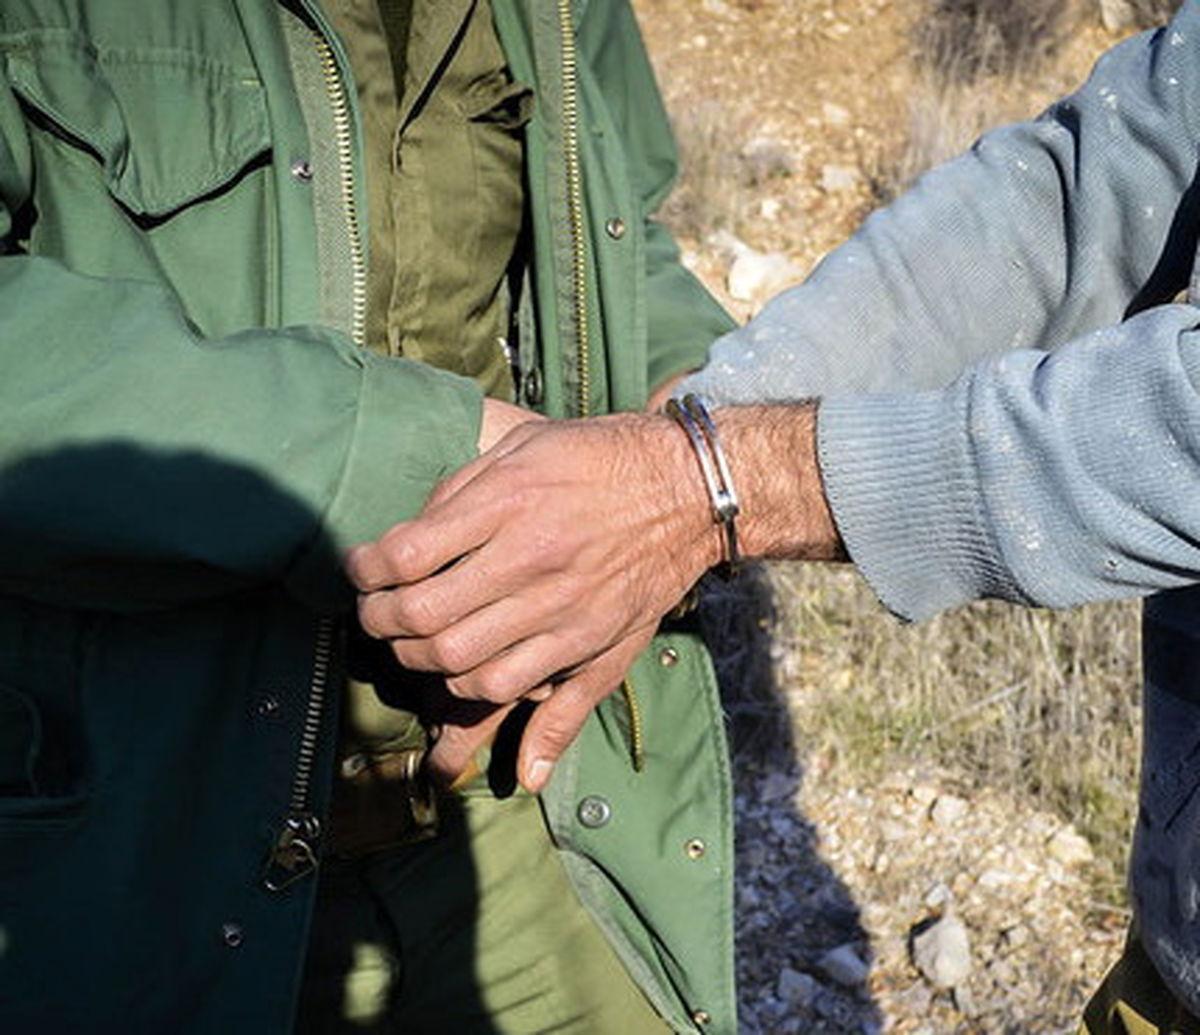 دستگیری متخلفان شکار و صید در شهرهای مازندران